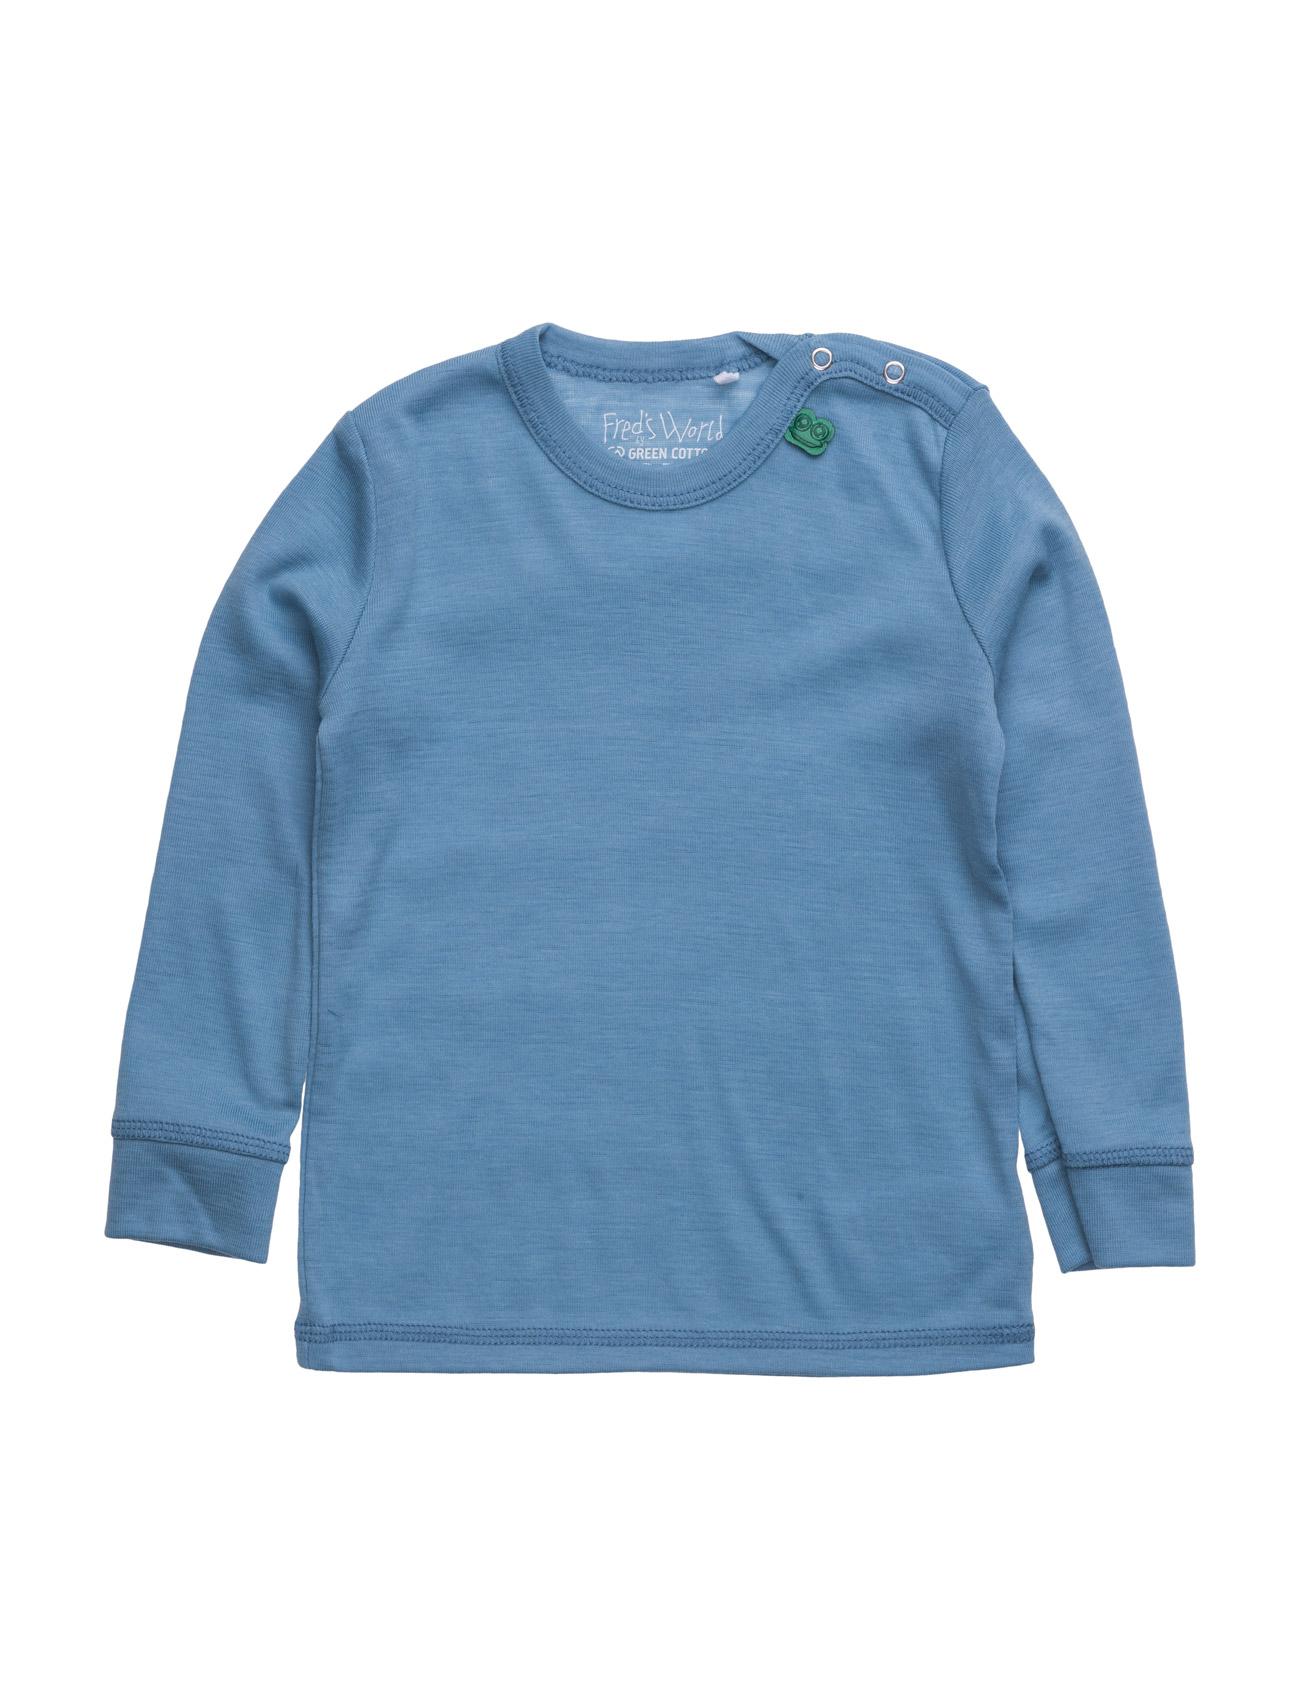 Wool L/Sl T Baby Freds World Langærmede t-shirts til Børn i Blå